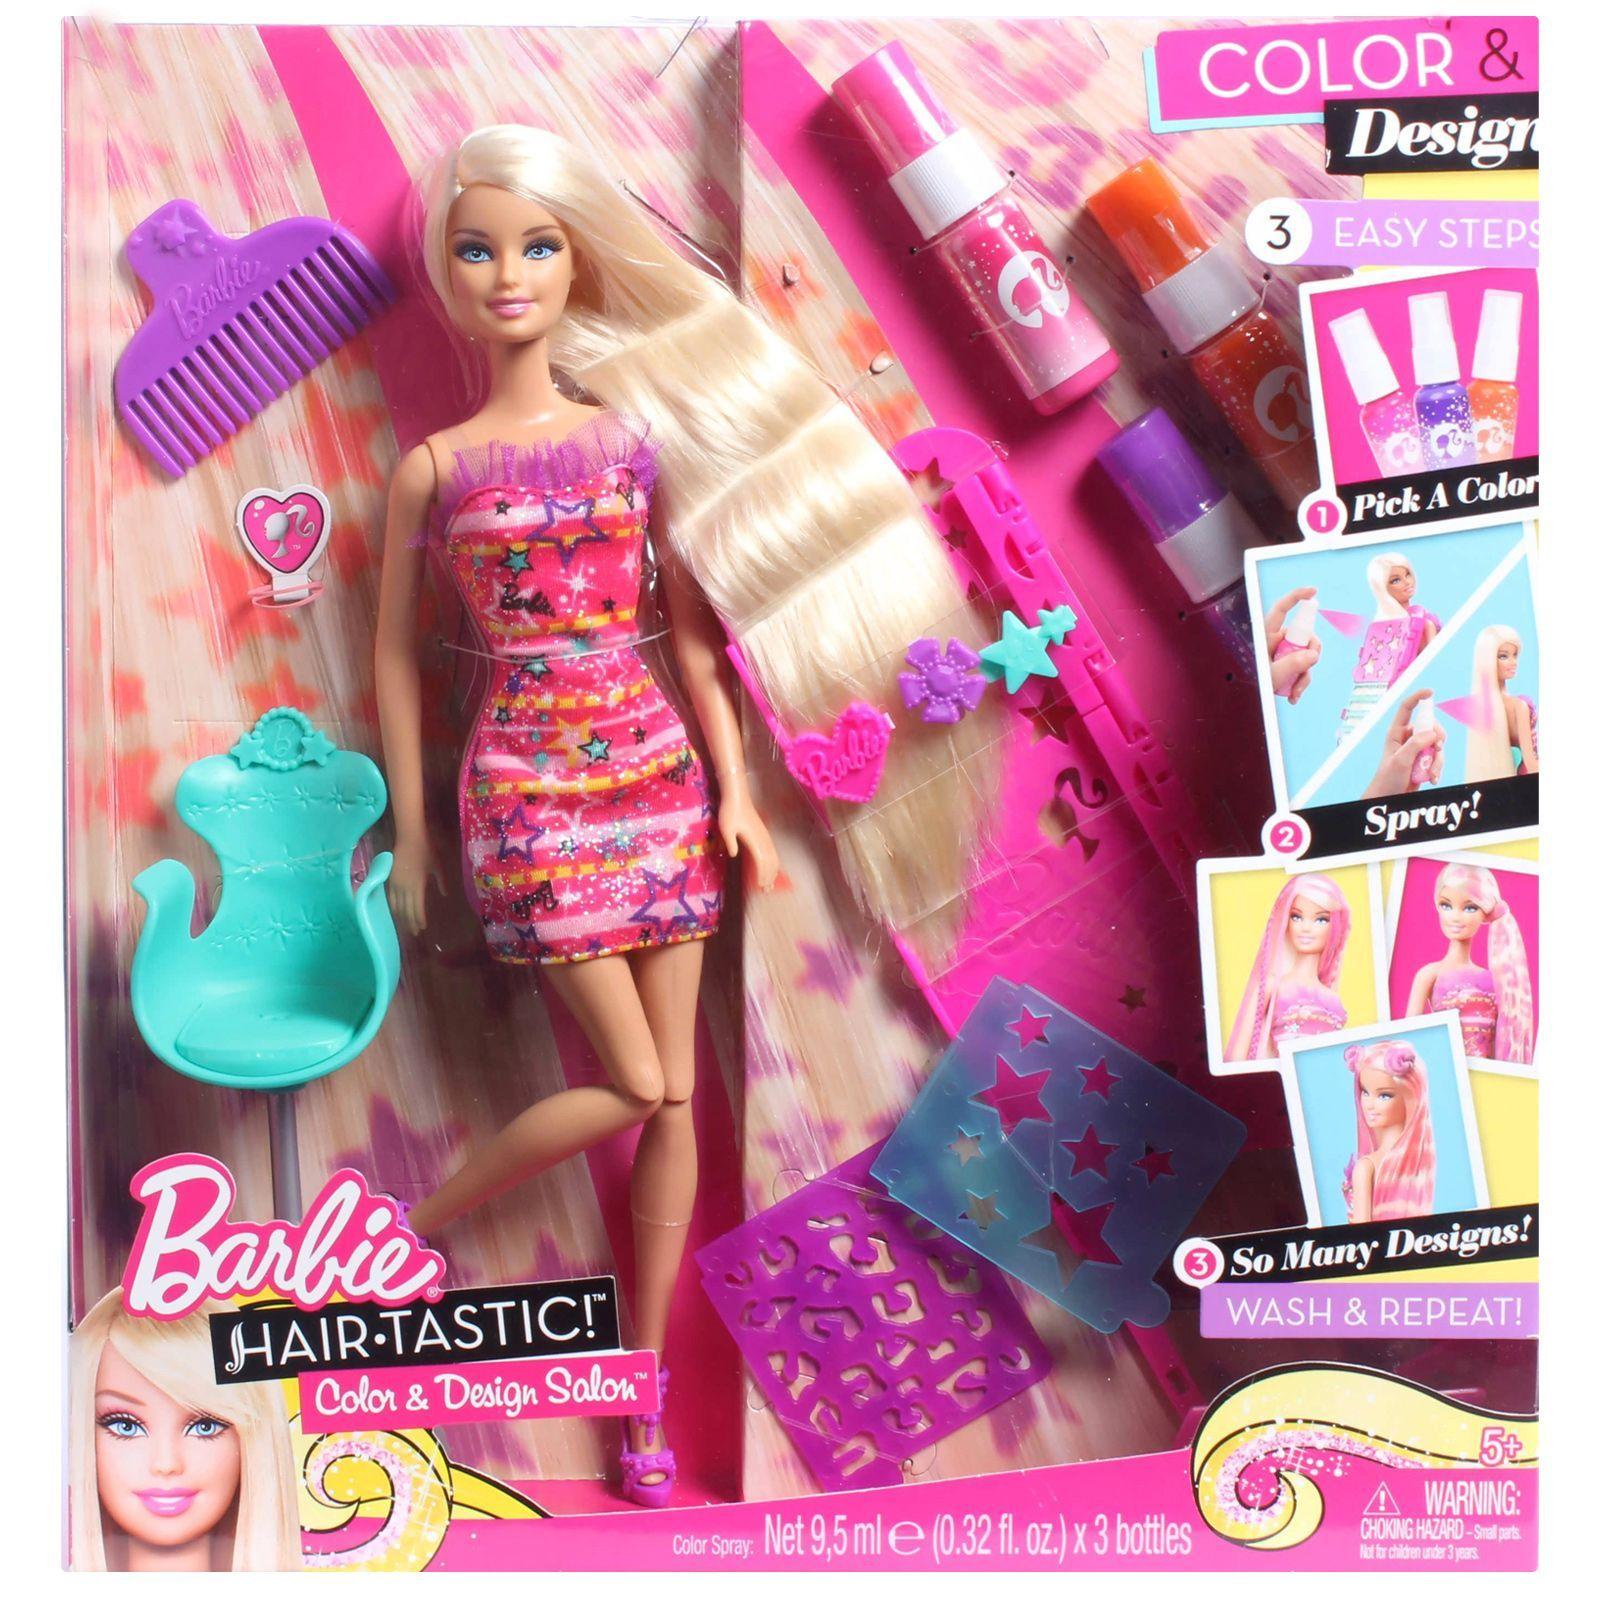 Barbie hair coloring games - Barbie hair coloring games